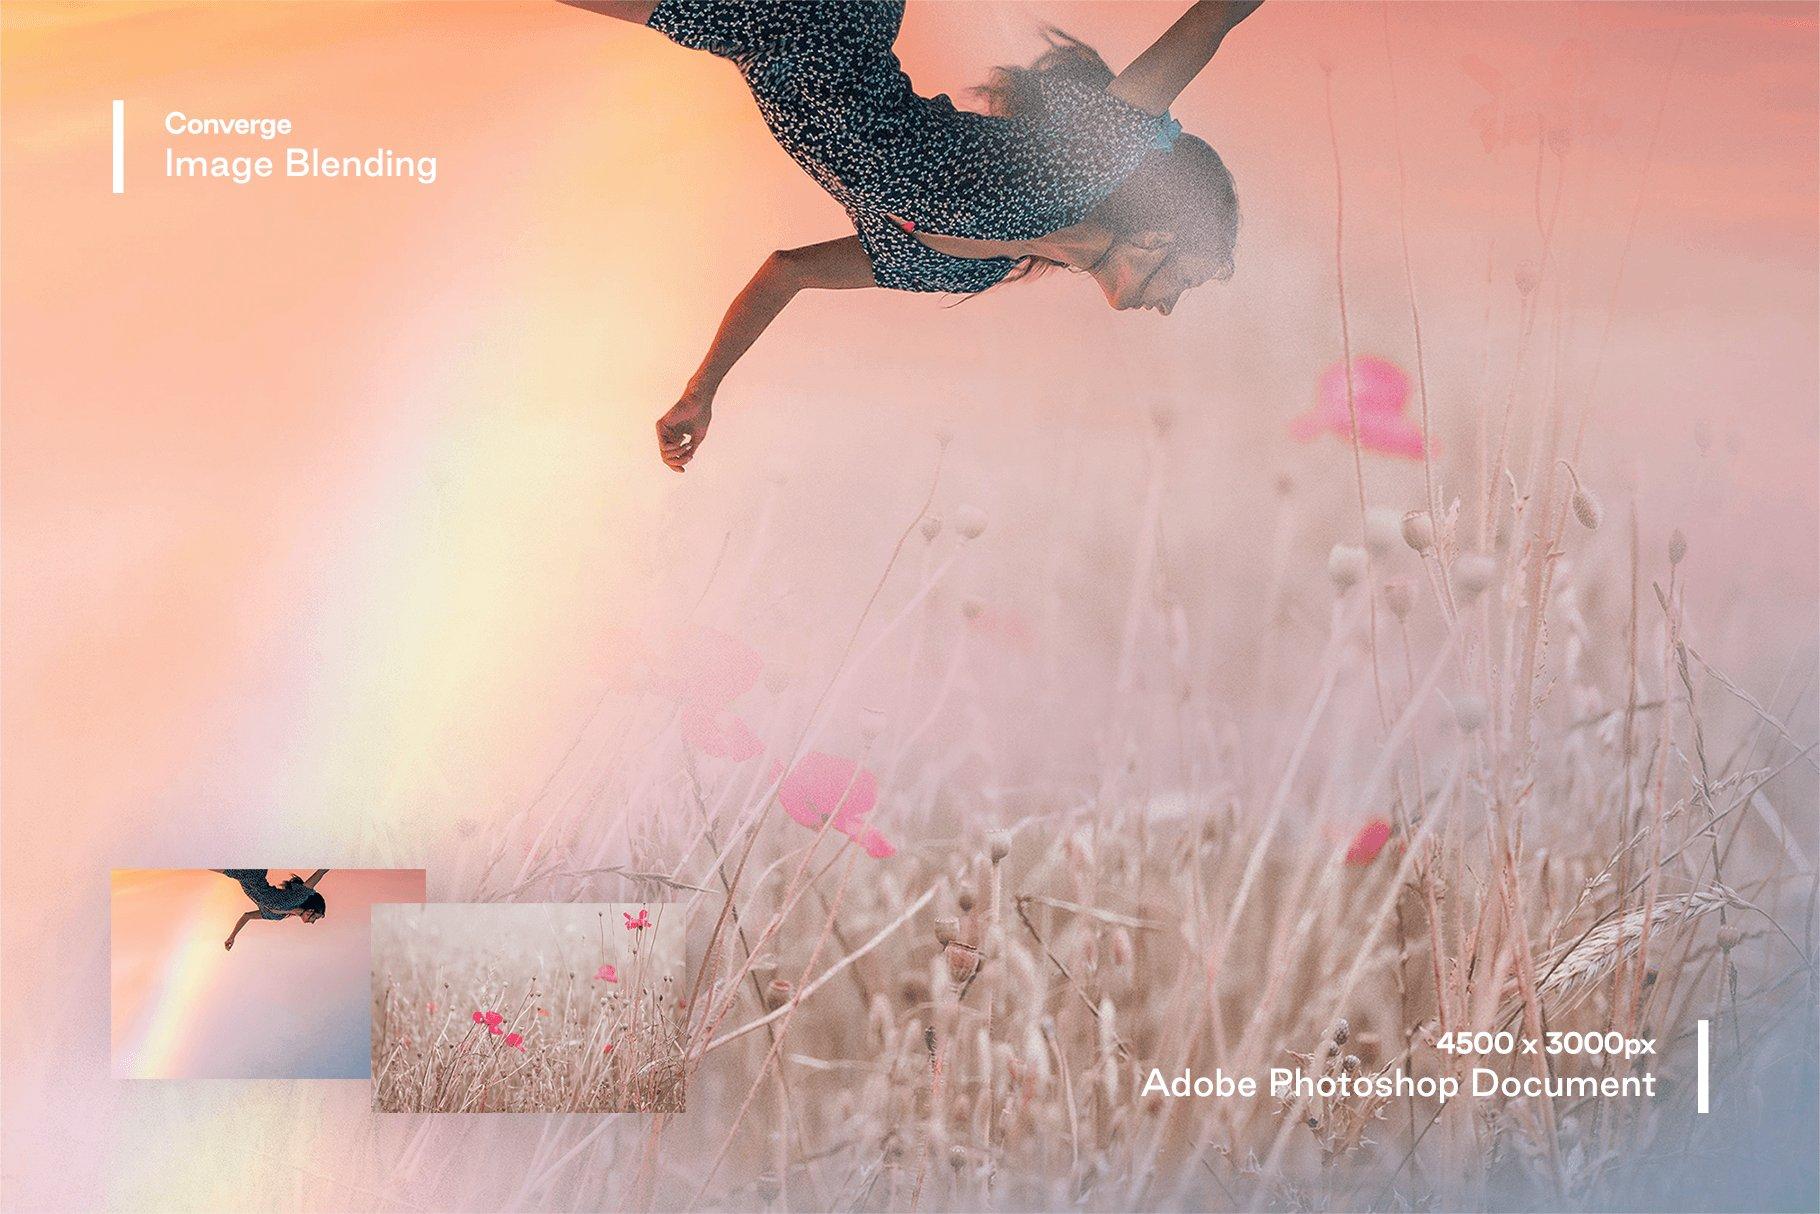 [淘宝购买] 多种曝光融合烟雾混合效果照片处理PS图层样式 Converge – Image Blending插图1